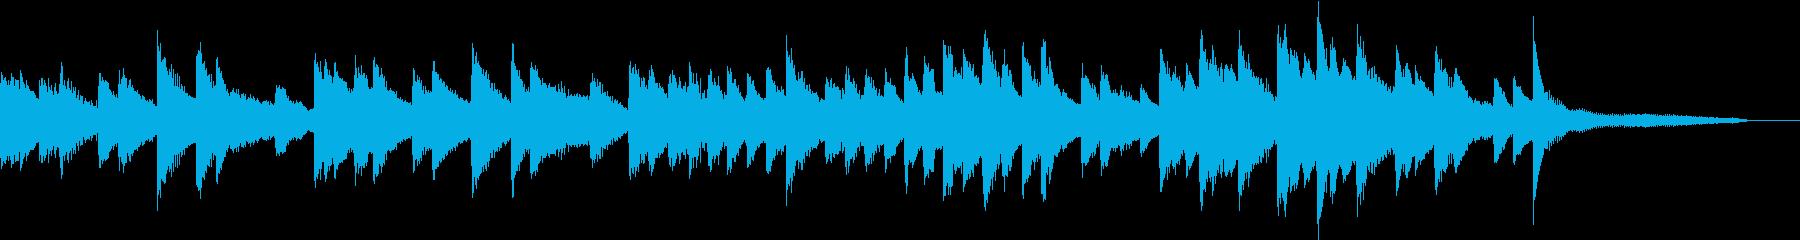 悲壮感があるマイナー調のピアノジングルの再生済みの波形